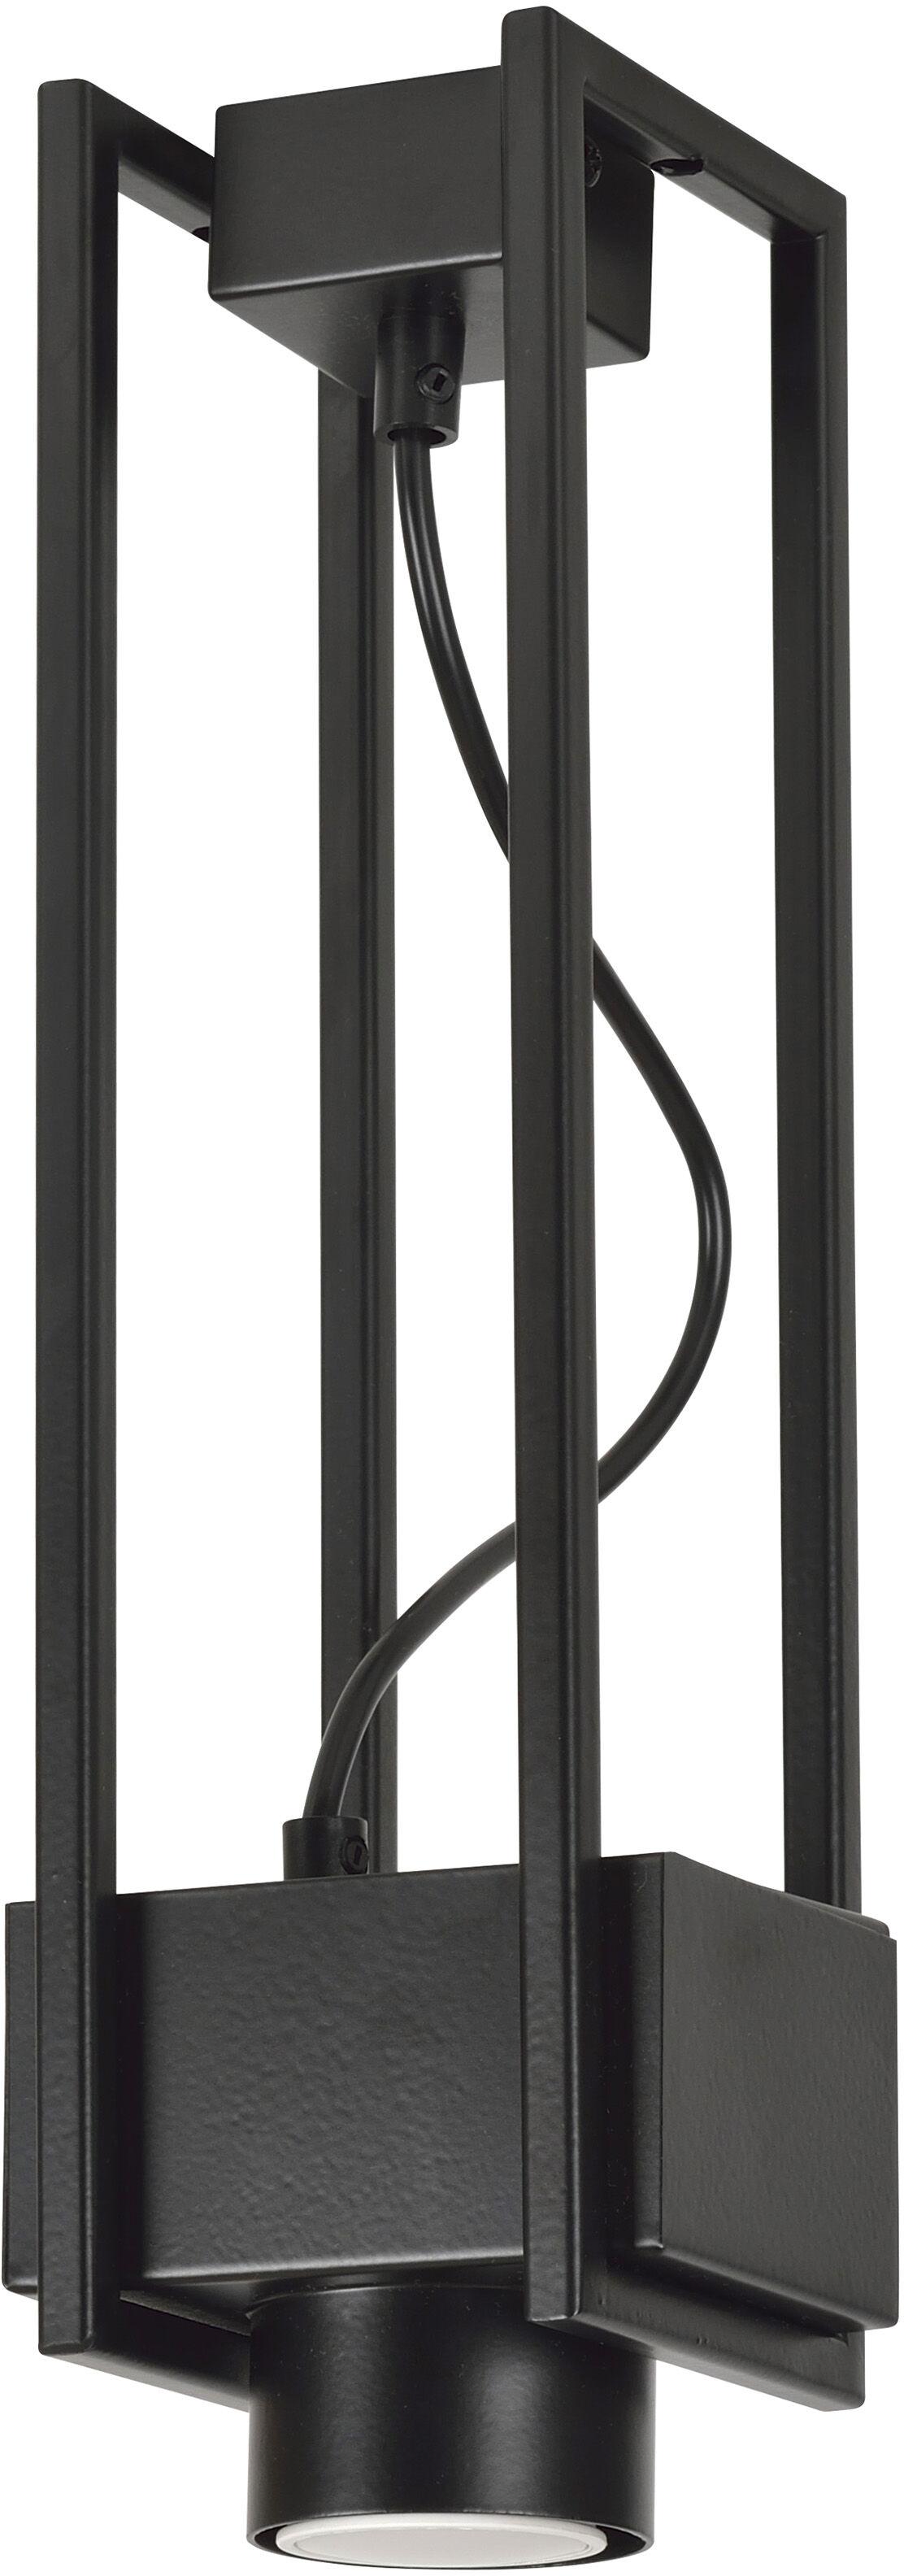 Emibig APOLLO 1 BACK 664/1 lampa wisząca nowoczesna spot design czarna metal 1x30W GU10 38cm